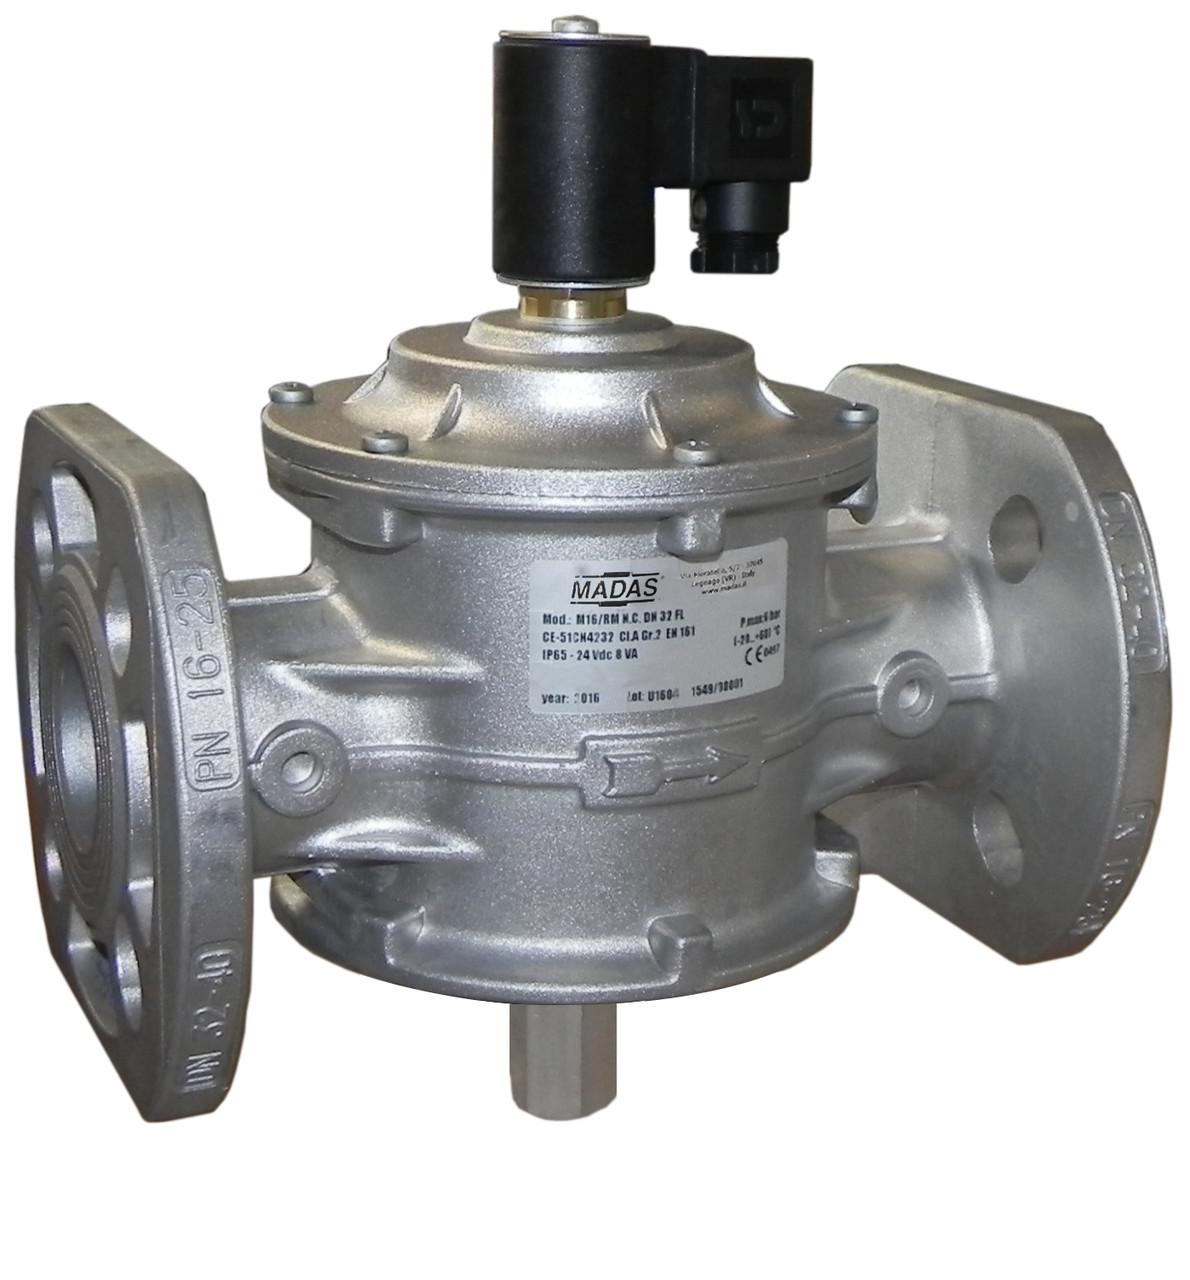 Электромагнитный клапан M16/RM N.C., DN50, фланцевый, 500 mbar (MADAS)